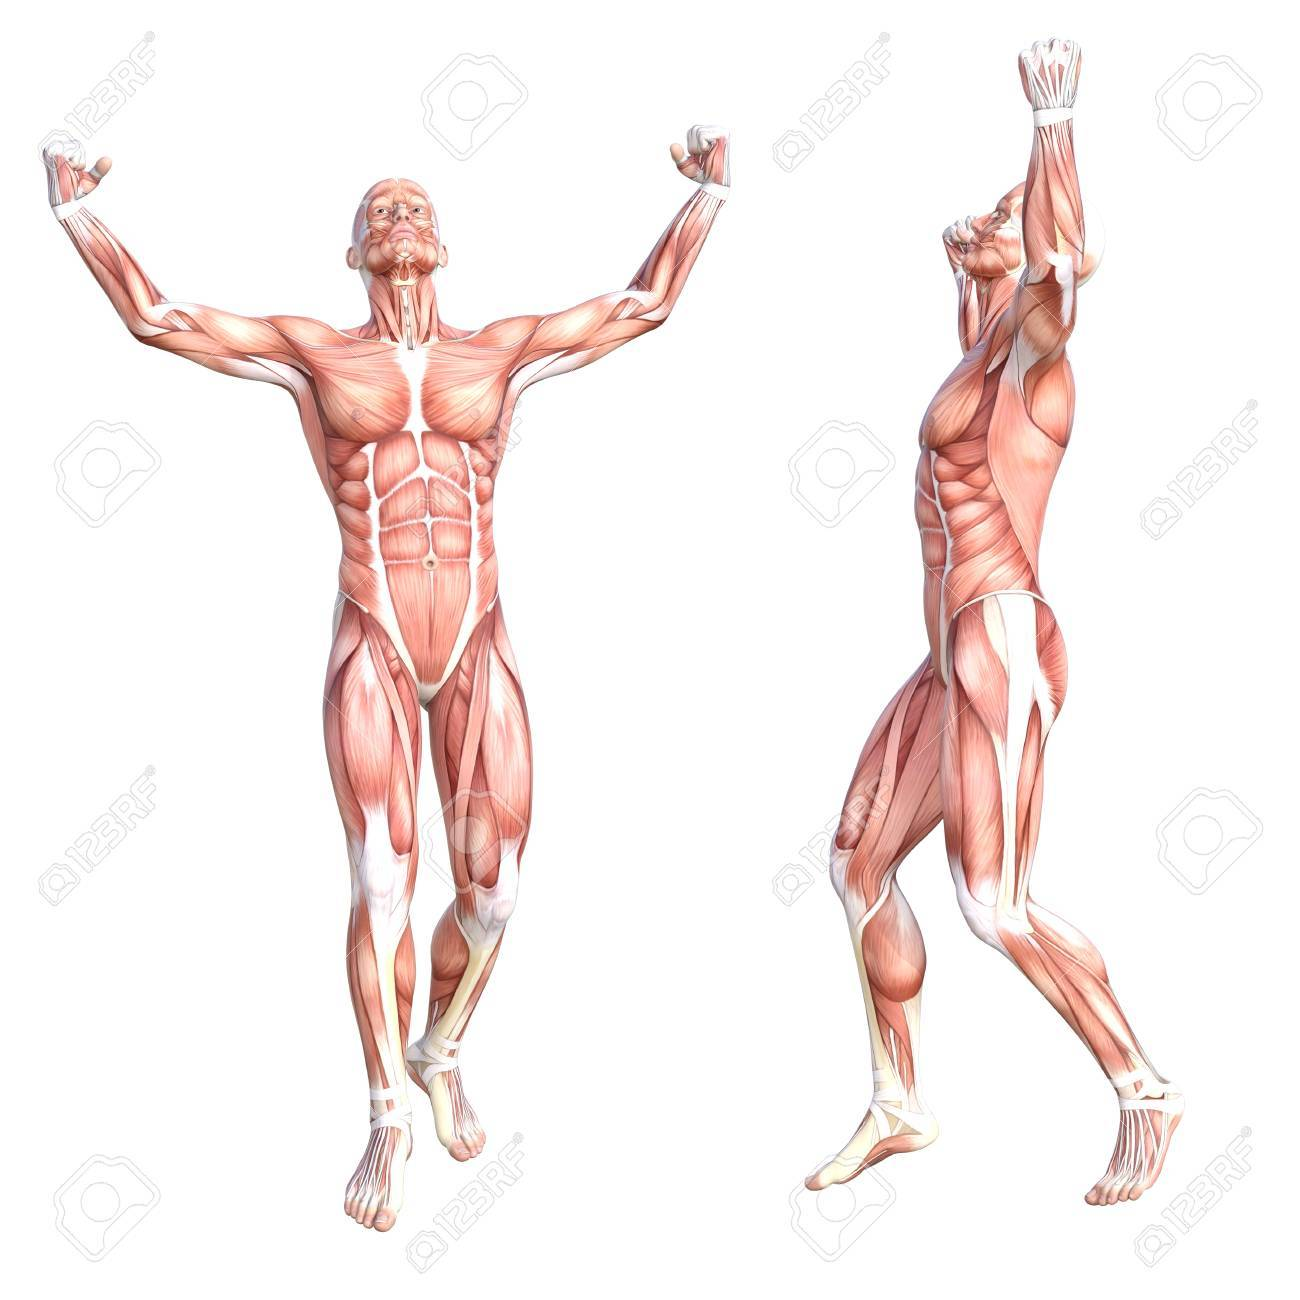 Erfreut Bilder Von Muskelsystem Fotos - Menschliche Anatomie Bilder ...